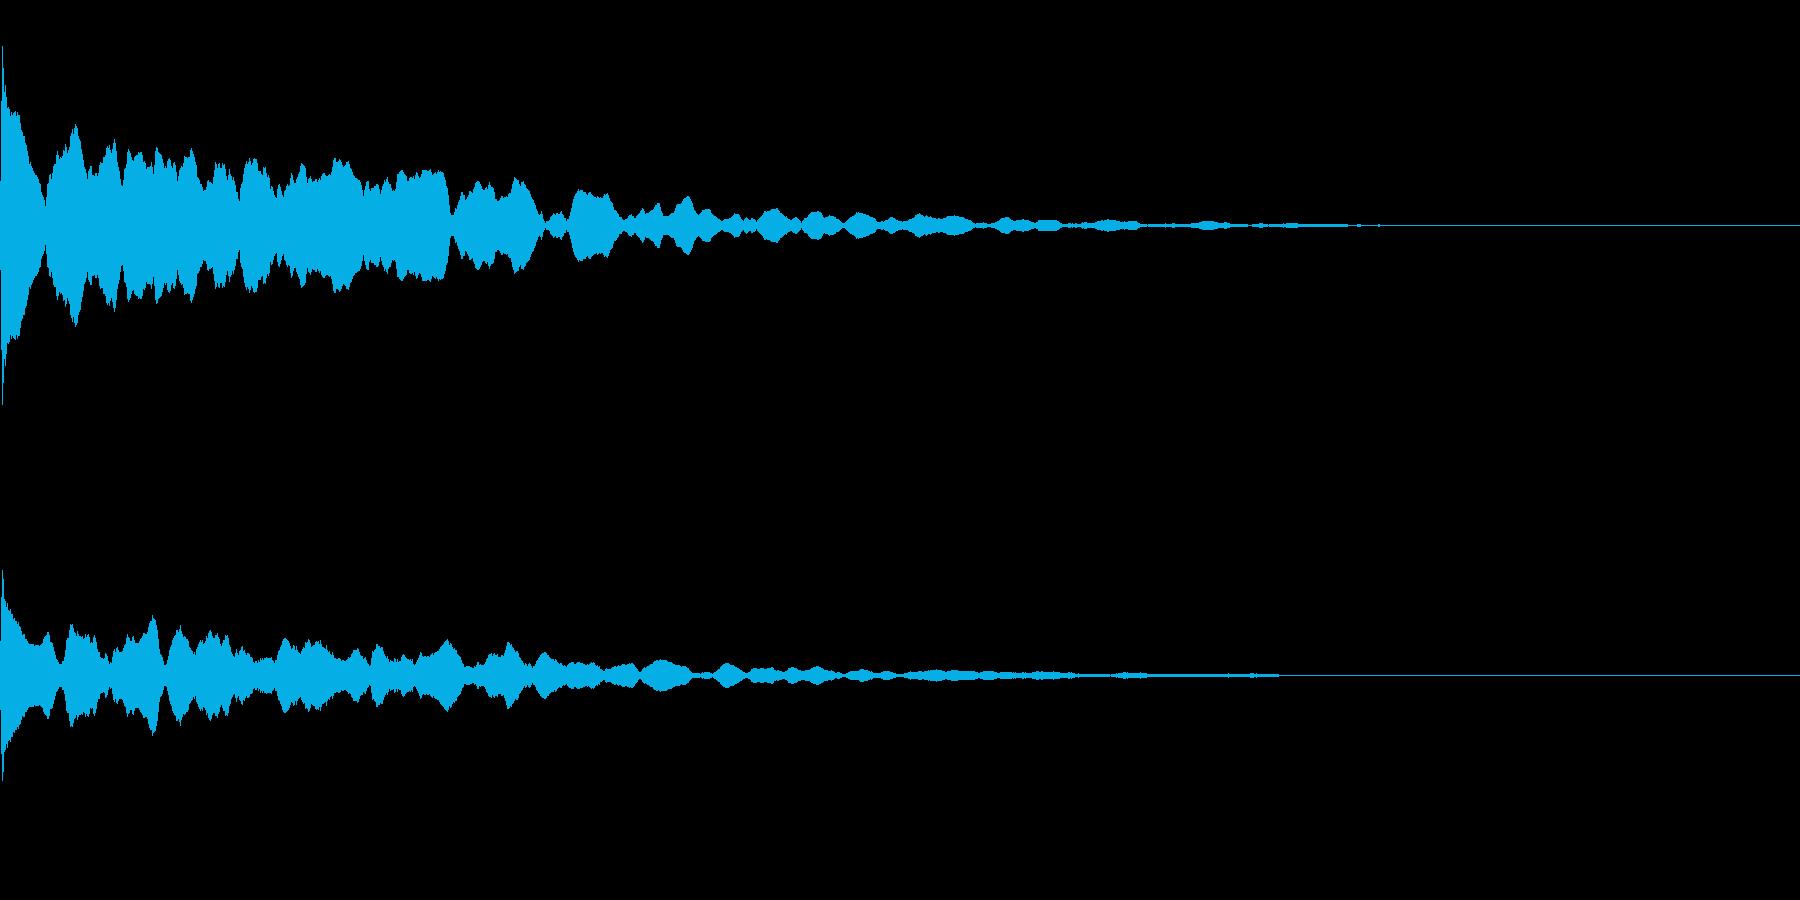 ポーン(ふとした気づきなどの電子音)の再生済みの波形